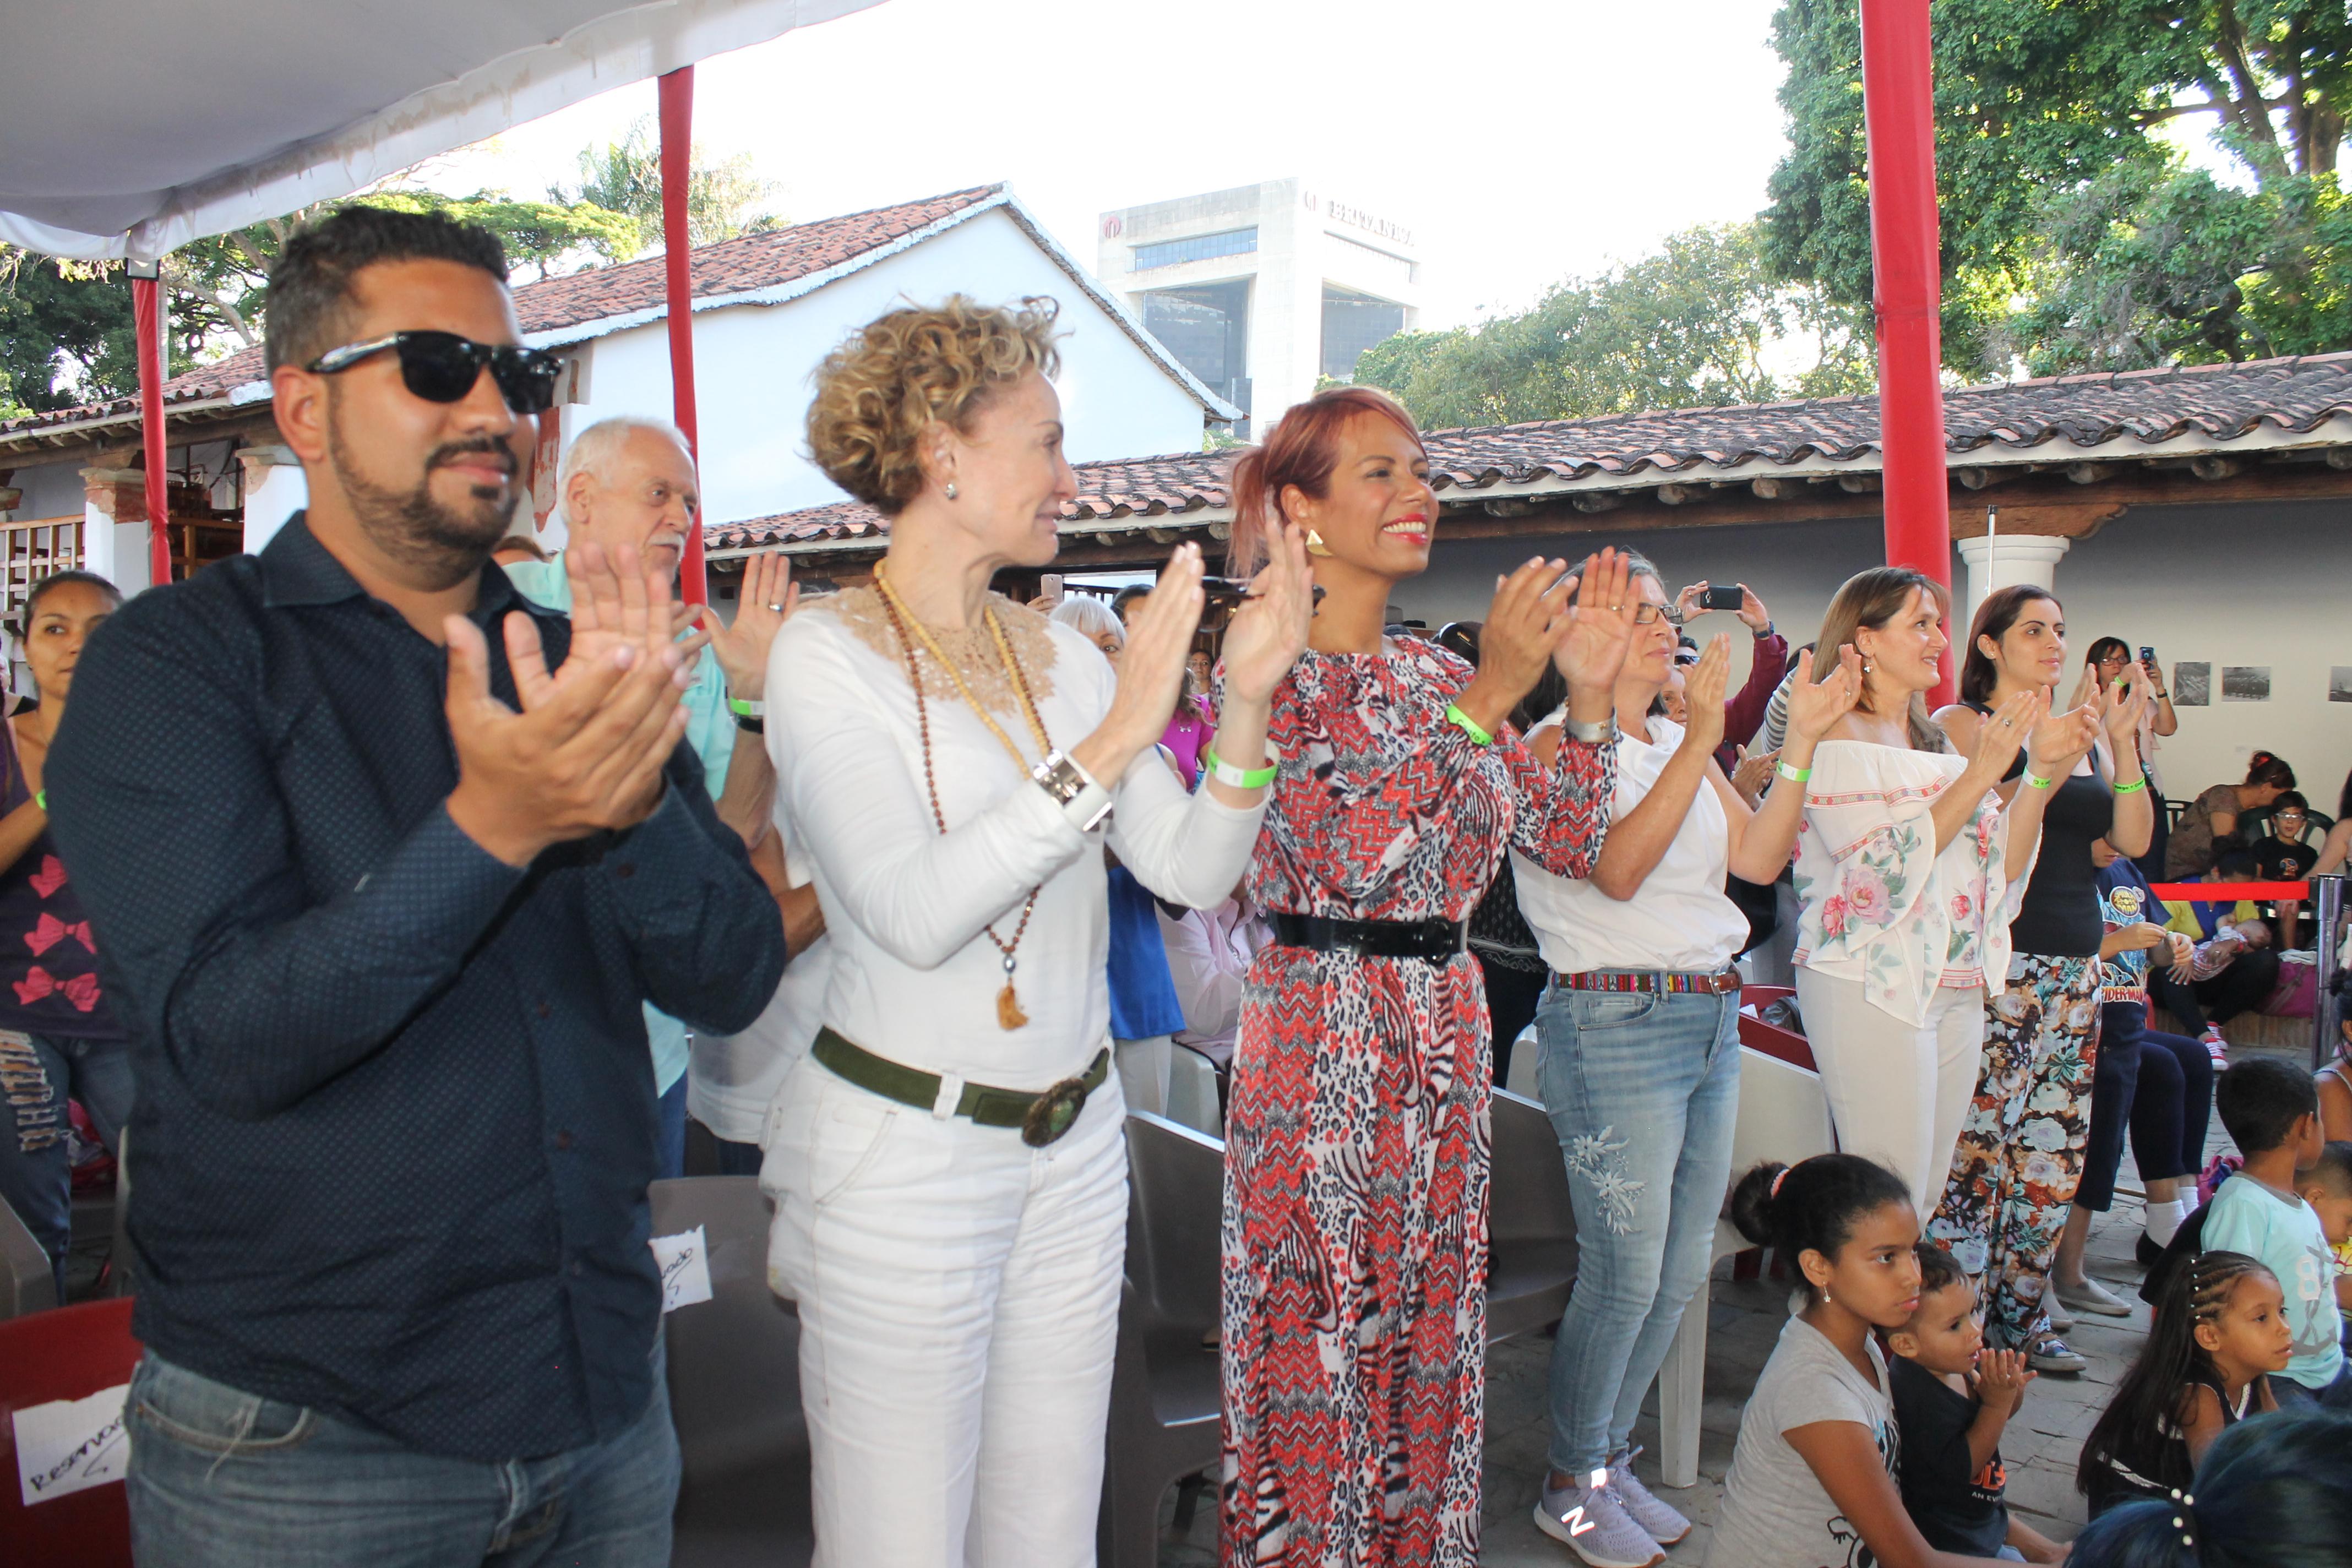 El público ovaciona al elenco del musical Canto + Juego + Coexisto en PDVSA La Estancia